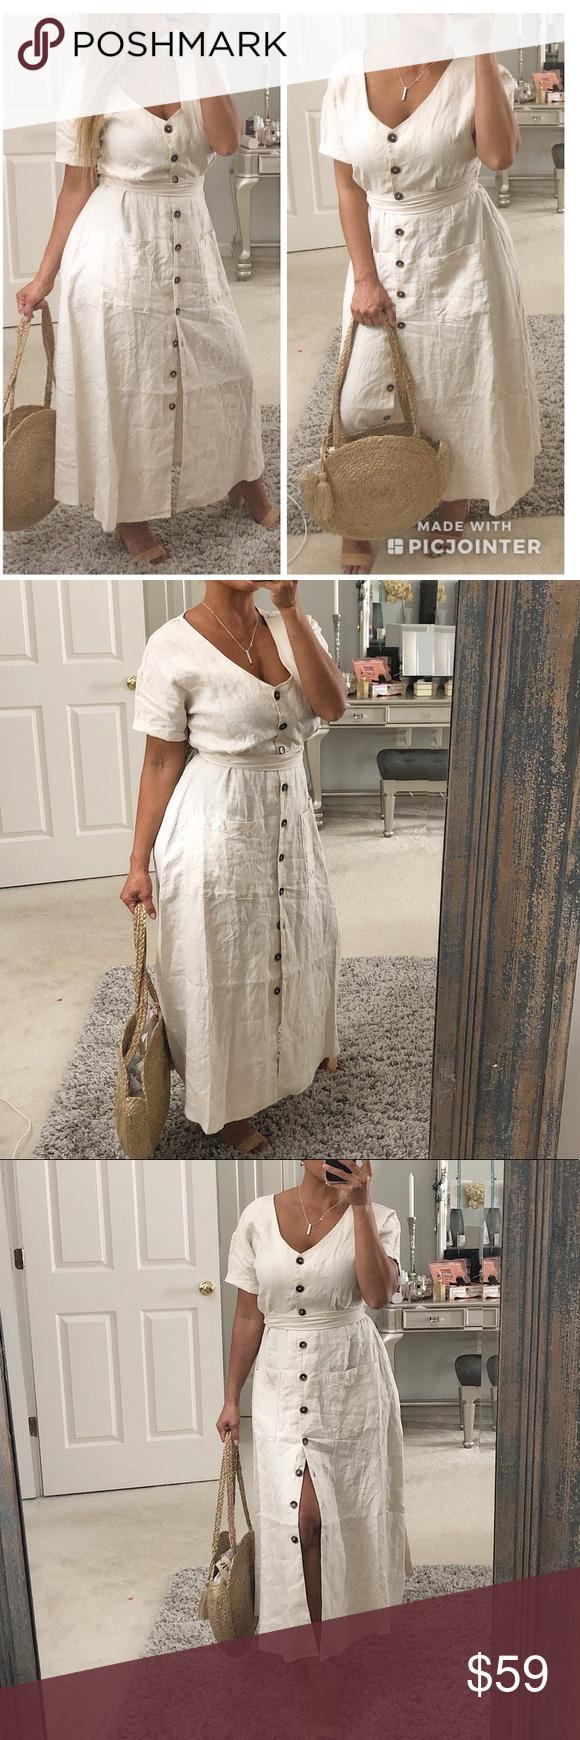 Rachel Zoe Linen Maxi Dress S Linen Maxi Dress Rachel Zoe Dresses Clothes Design [ 1740 x 580 Pixel ]